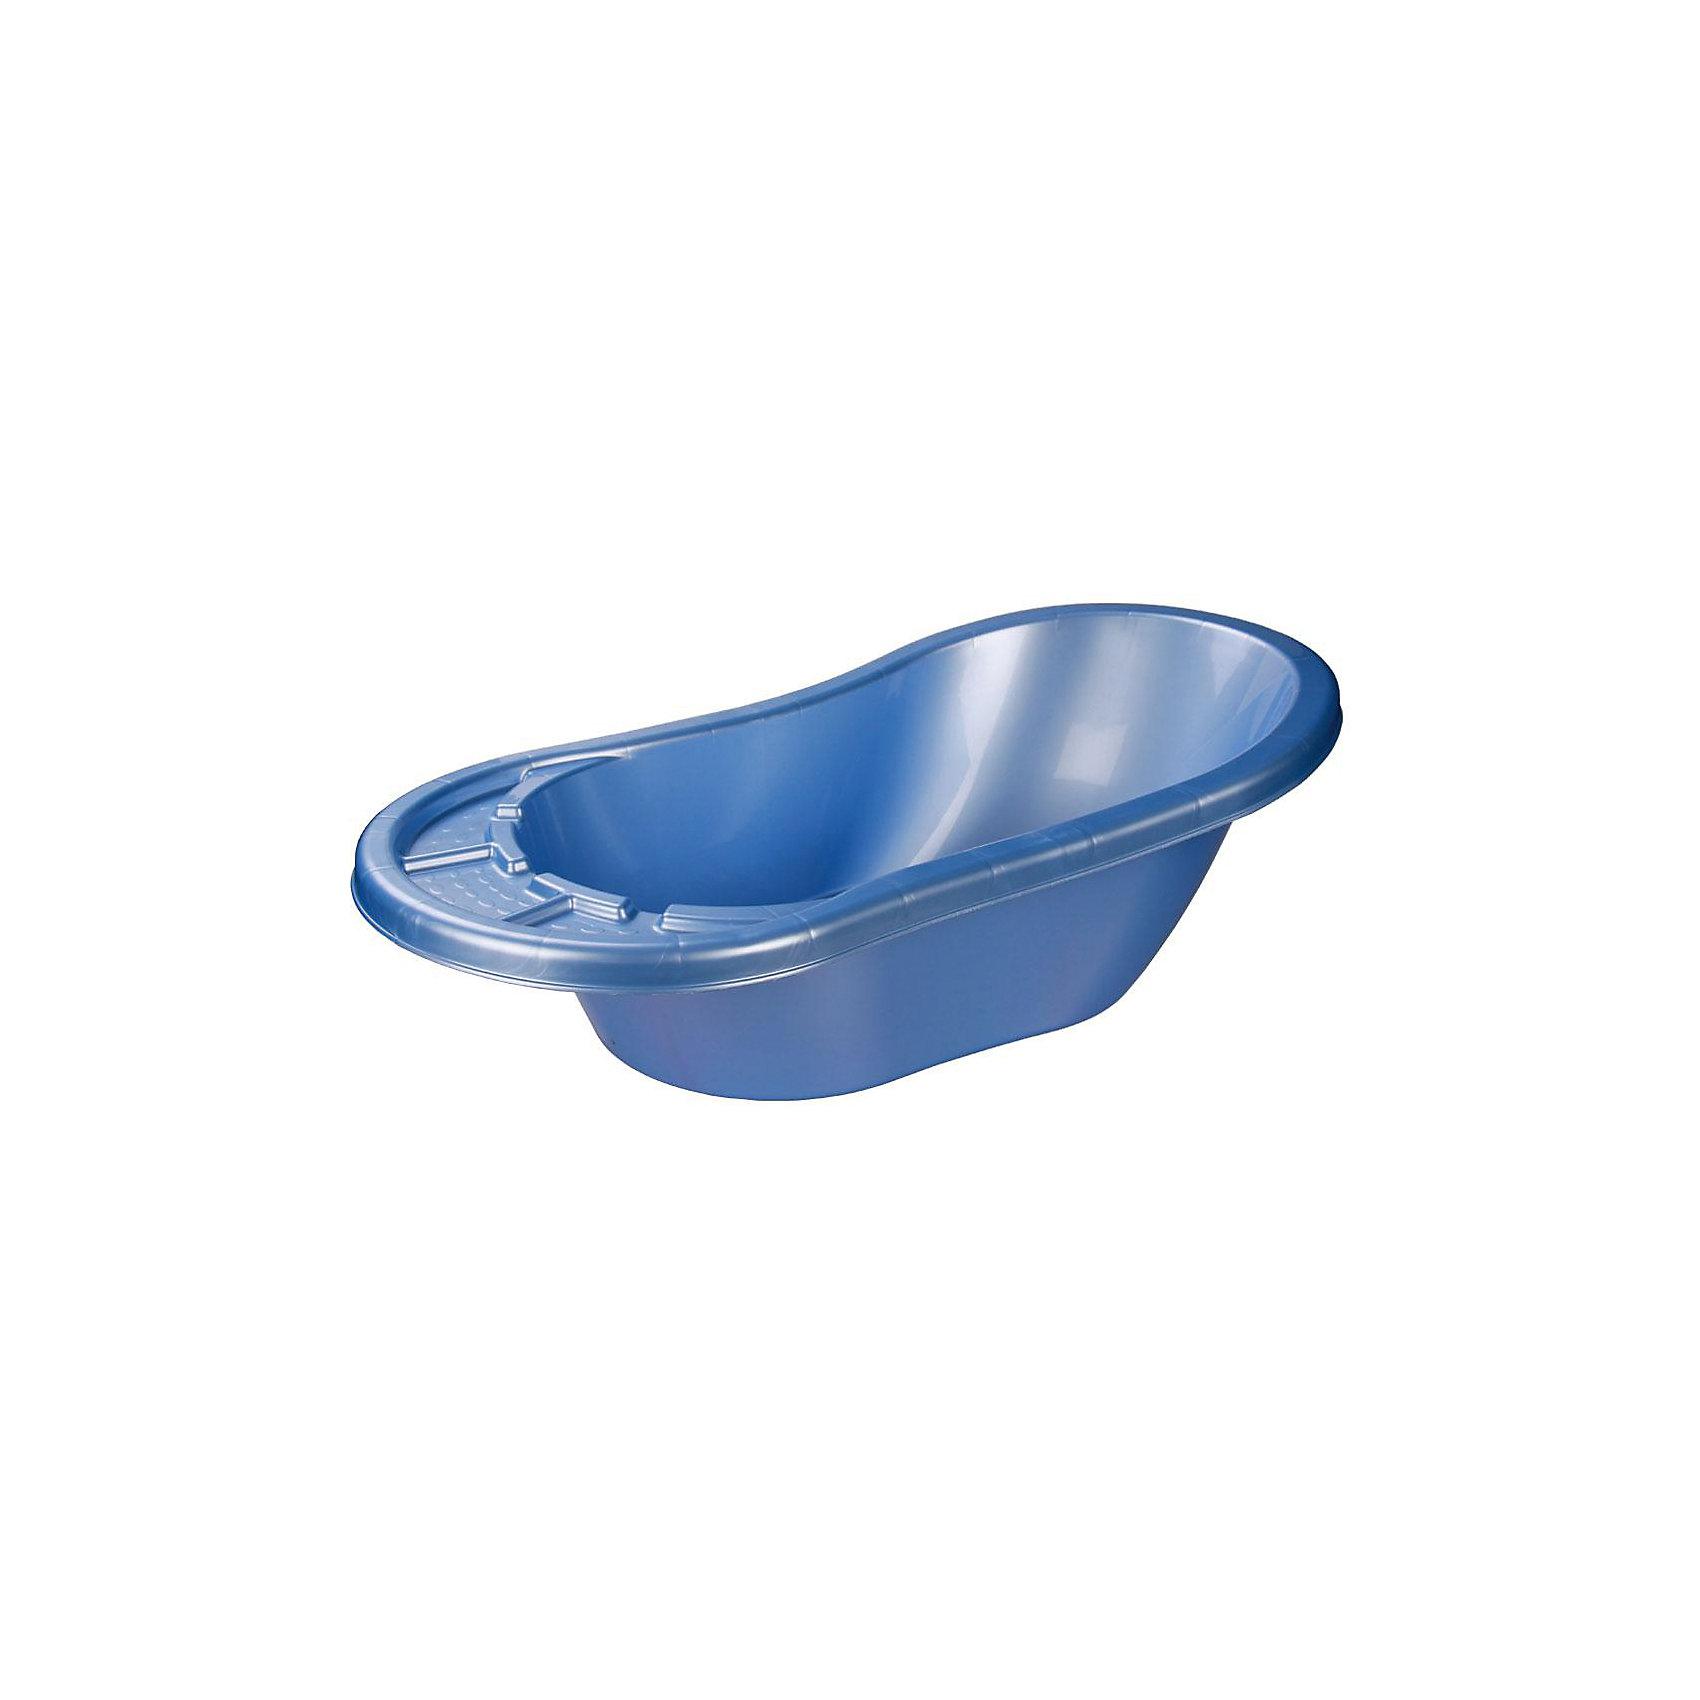 Ванночка Карапуз, Alternativa, голубойС самого рождения чистота и гигиена очень важны для здоровья ребёнка. Ванночка Карапуз, Alternativa, голубой отлично подойдет для ежедневных купаний. Ванночка изготовлена из прочного и безопасного для малыша пластика. Так же ванночка имеет удобную подставку для мыла или любых других предметов. <br><br>Дополнительная информация:<br>-Размер(ДхВхШ):88х46х34 см<br>-Цвет: голубой<br>-Марка: Alternativa<br><br>Ванночку Карапуз, Alternativa, голубой вы можете приобрести в нашем интернет-магазине.<br><br>Ширина мм: 880<br>Глубина мм: 450<br>Высота мм: 250<br>Вес г: 1035<br>Возраст от месяцев: -2147483648<br>Возраст до месяцев: 2147483647<br>Пол: Мужской<br>Возраст: Детский<br>SKU: 5096501